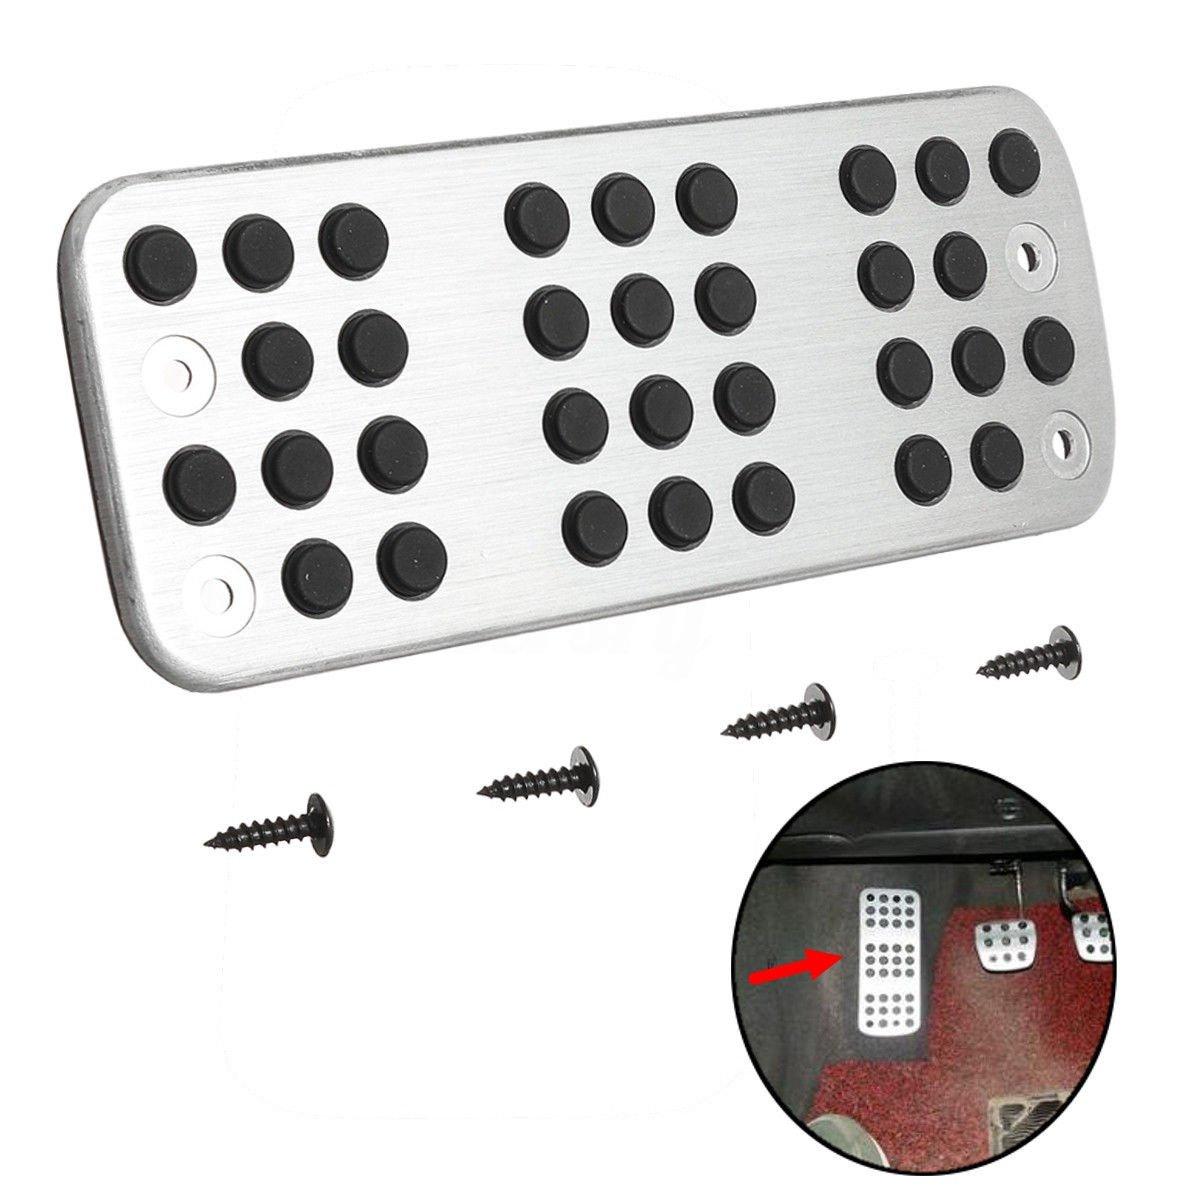 Fuß ablage Platte Fuß stü tze Foot Rest plate Pedalkappen Fü r 206 206CC 207 ICTRONIX